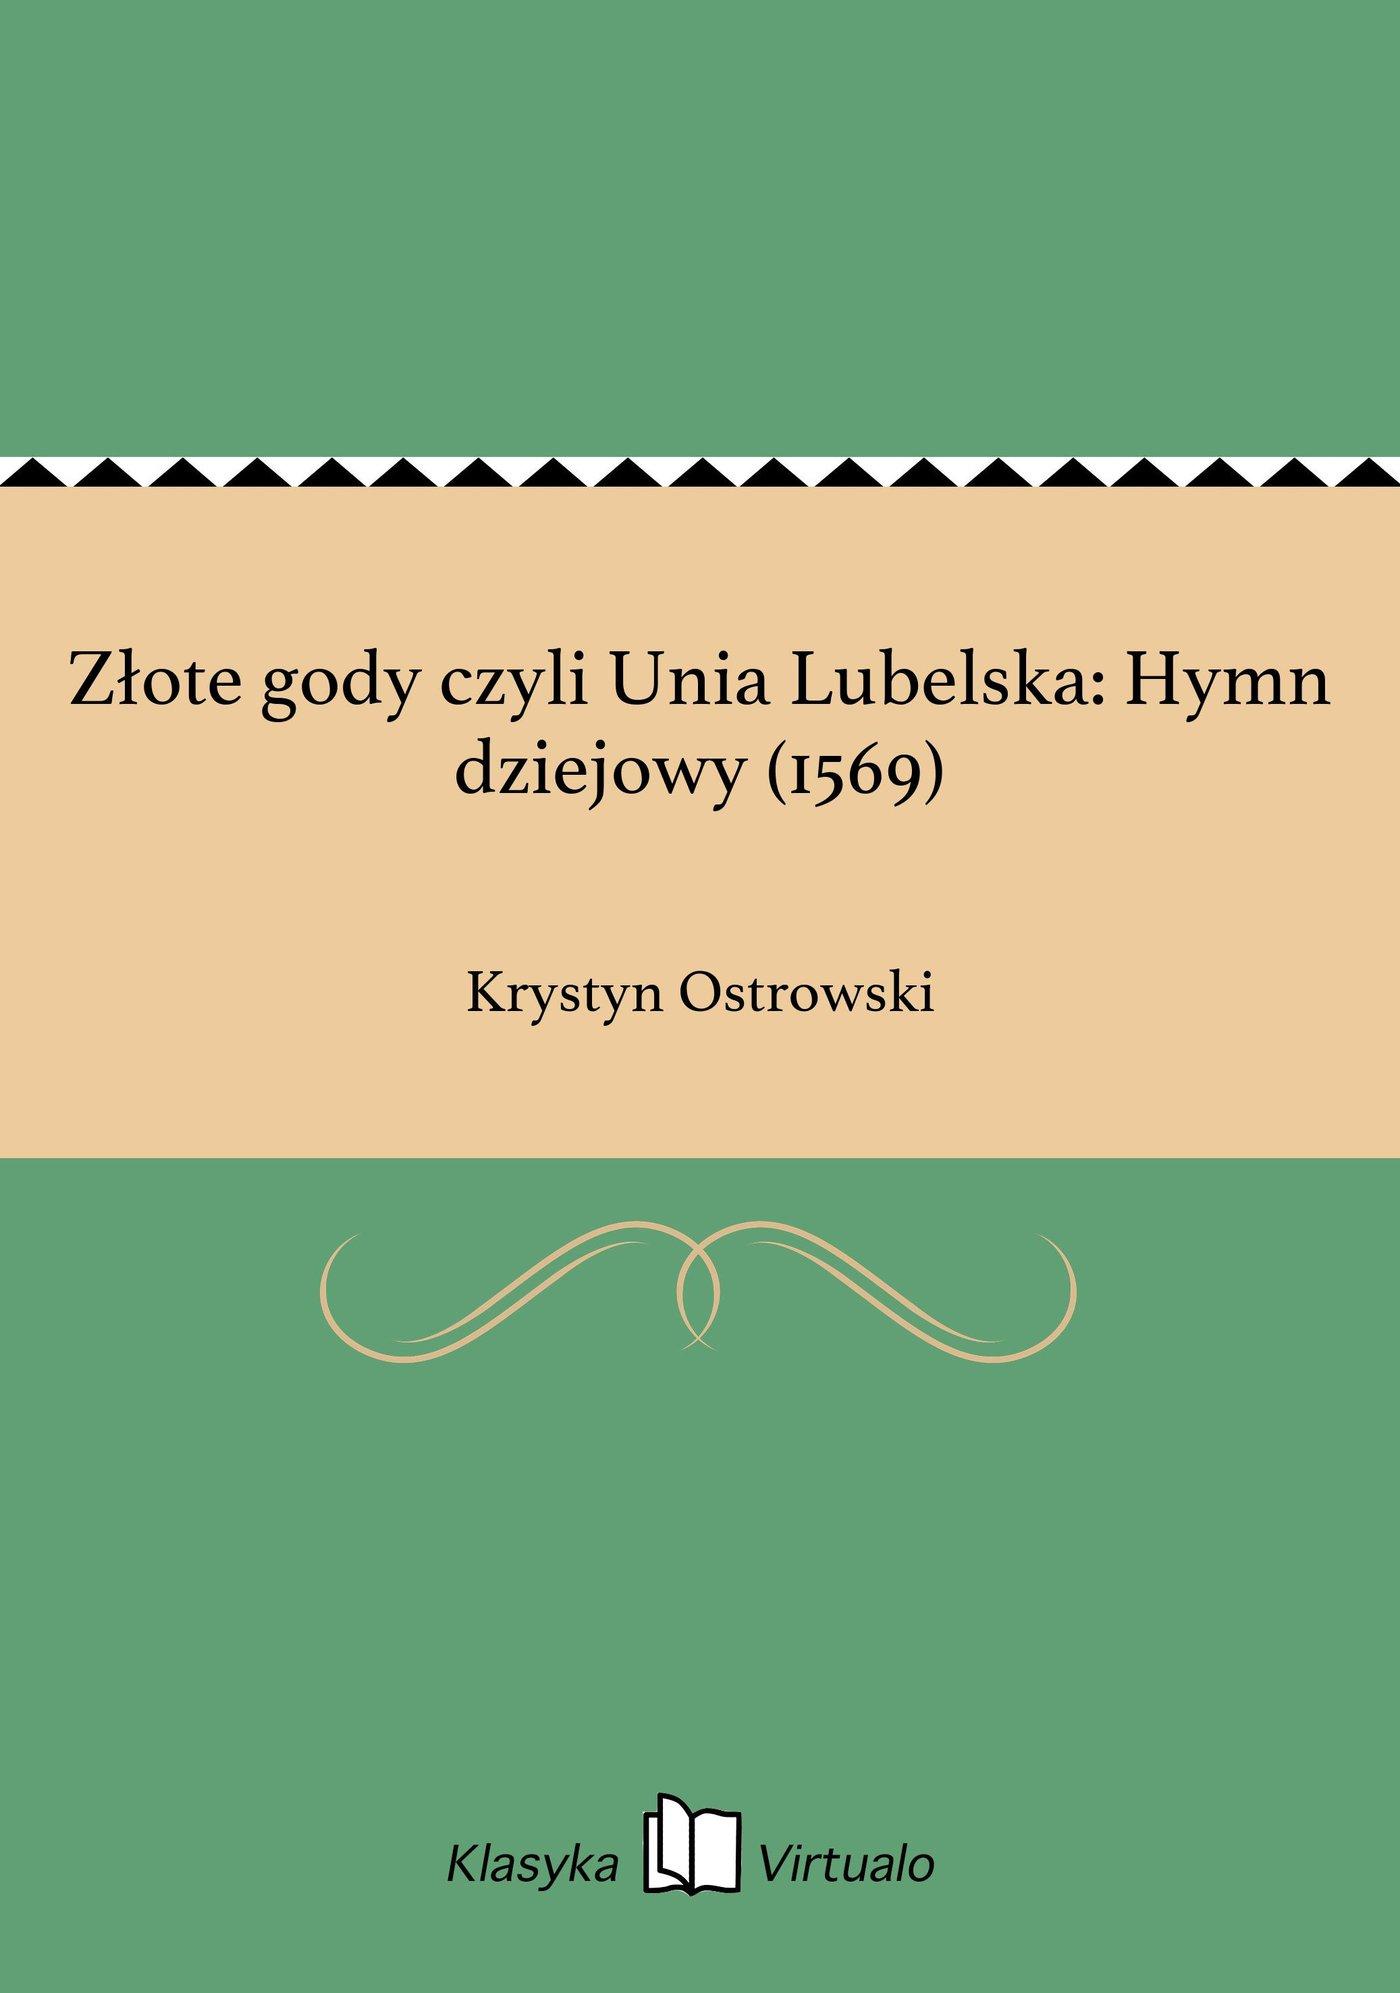 Złote gody czyli Unia Lubelska: Hymn dziejowy (1569) - Ebook (Książka EPUB) do pobrania w formacie EPUB